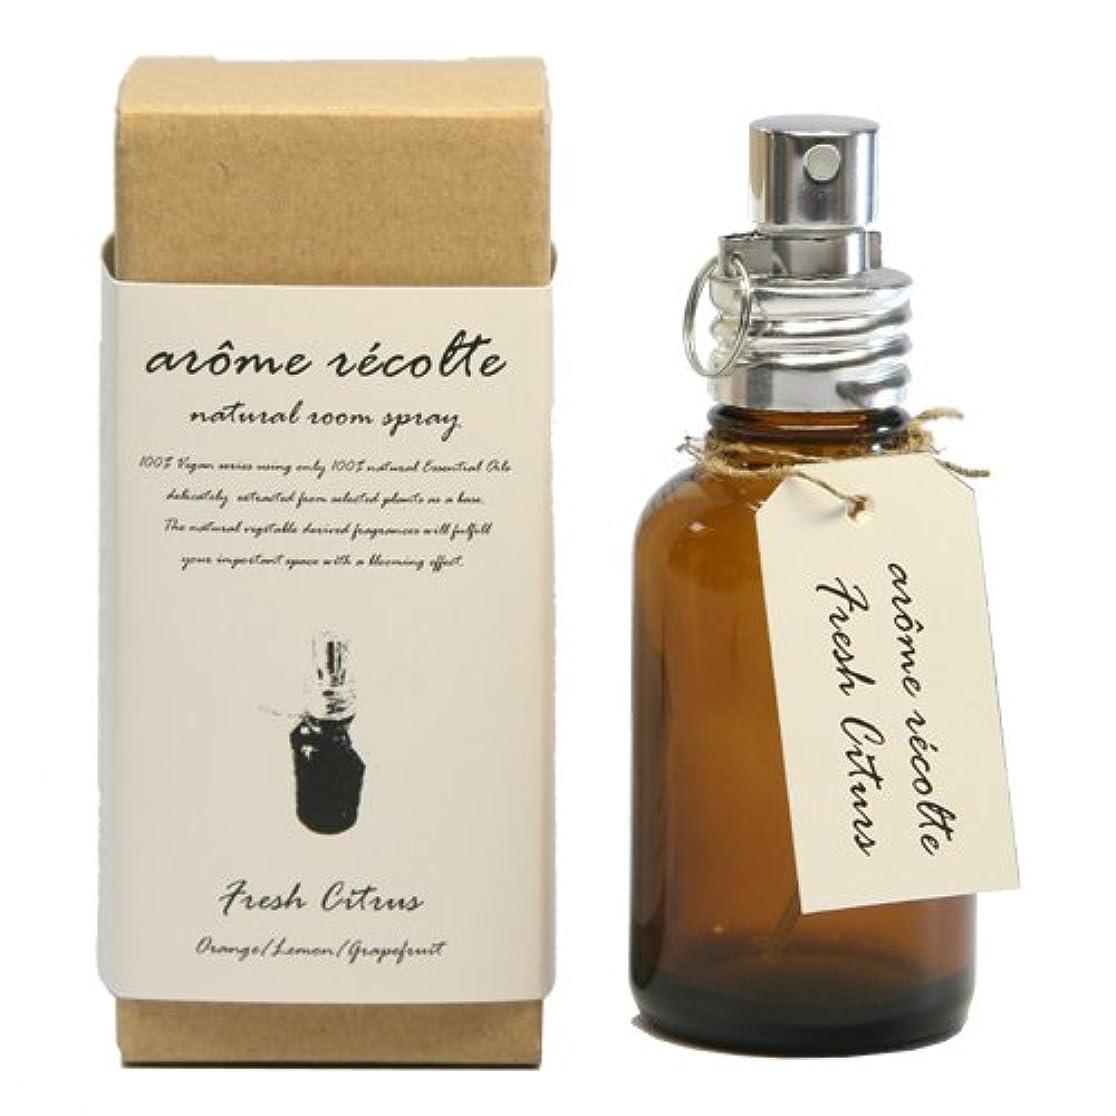 読書著作権無視アロマレコルト ナチュラルルームスプレー  フレッシュシトラス【Fresh Citurs】 arome rcolte